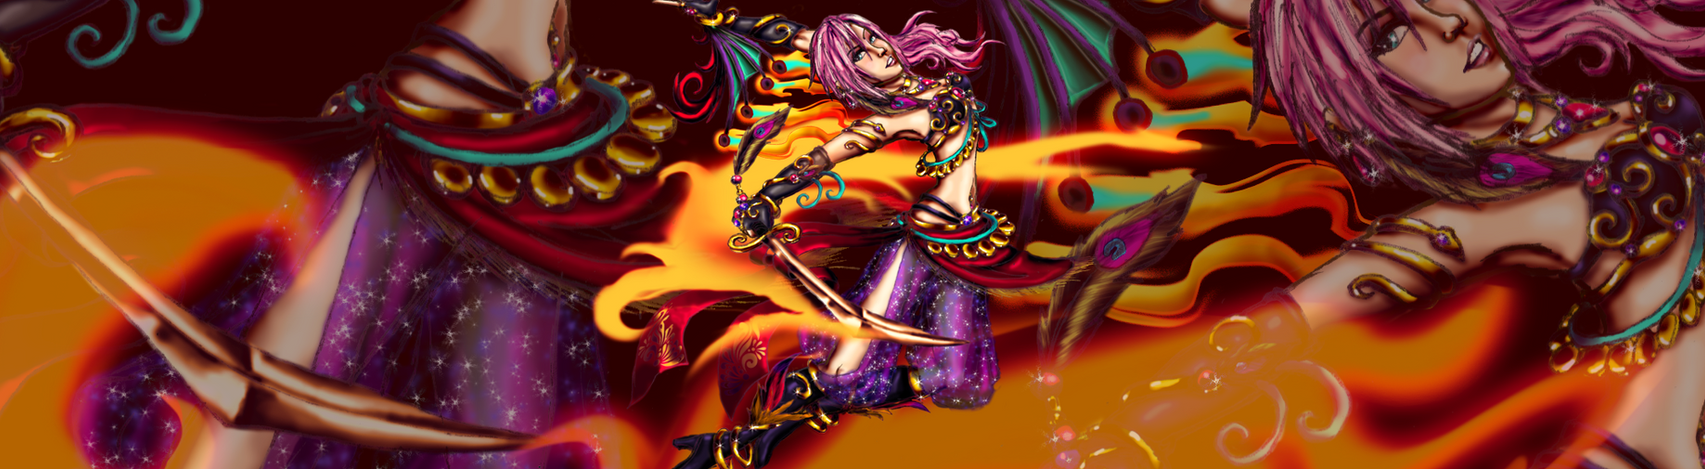 Lightning Returns-Hellfire's Dance by KaeMcSpadden